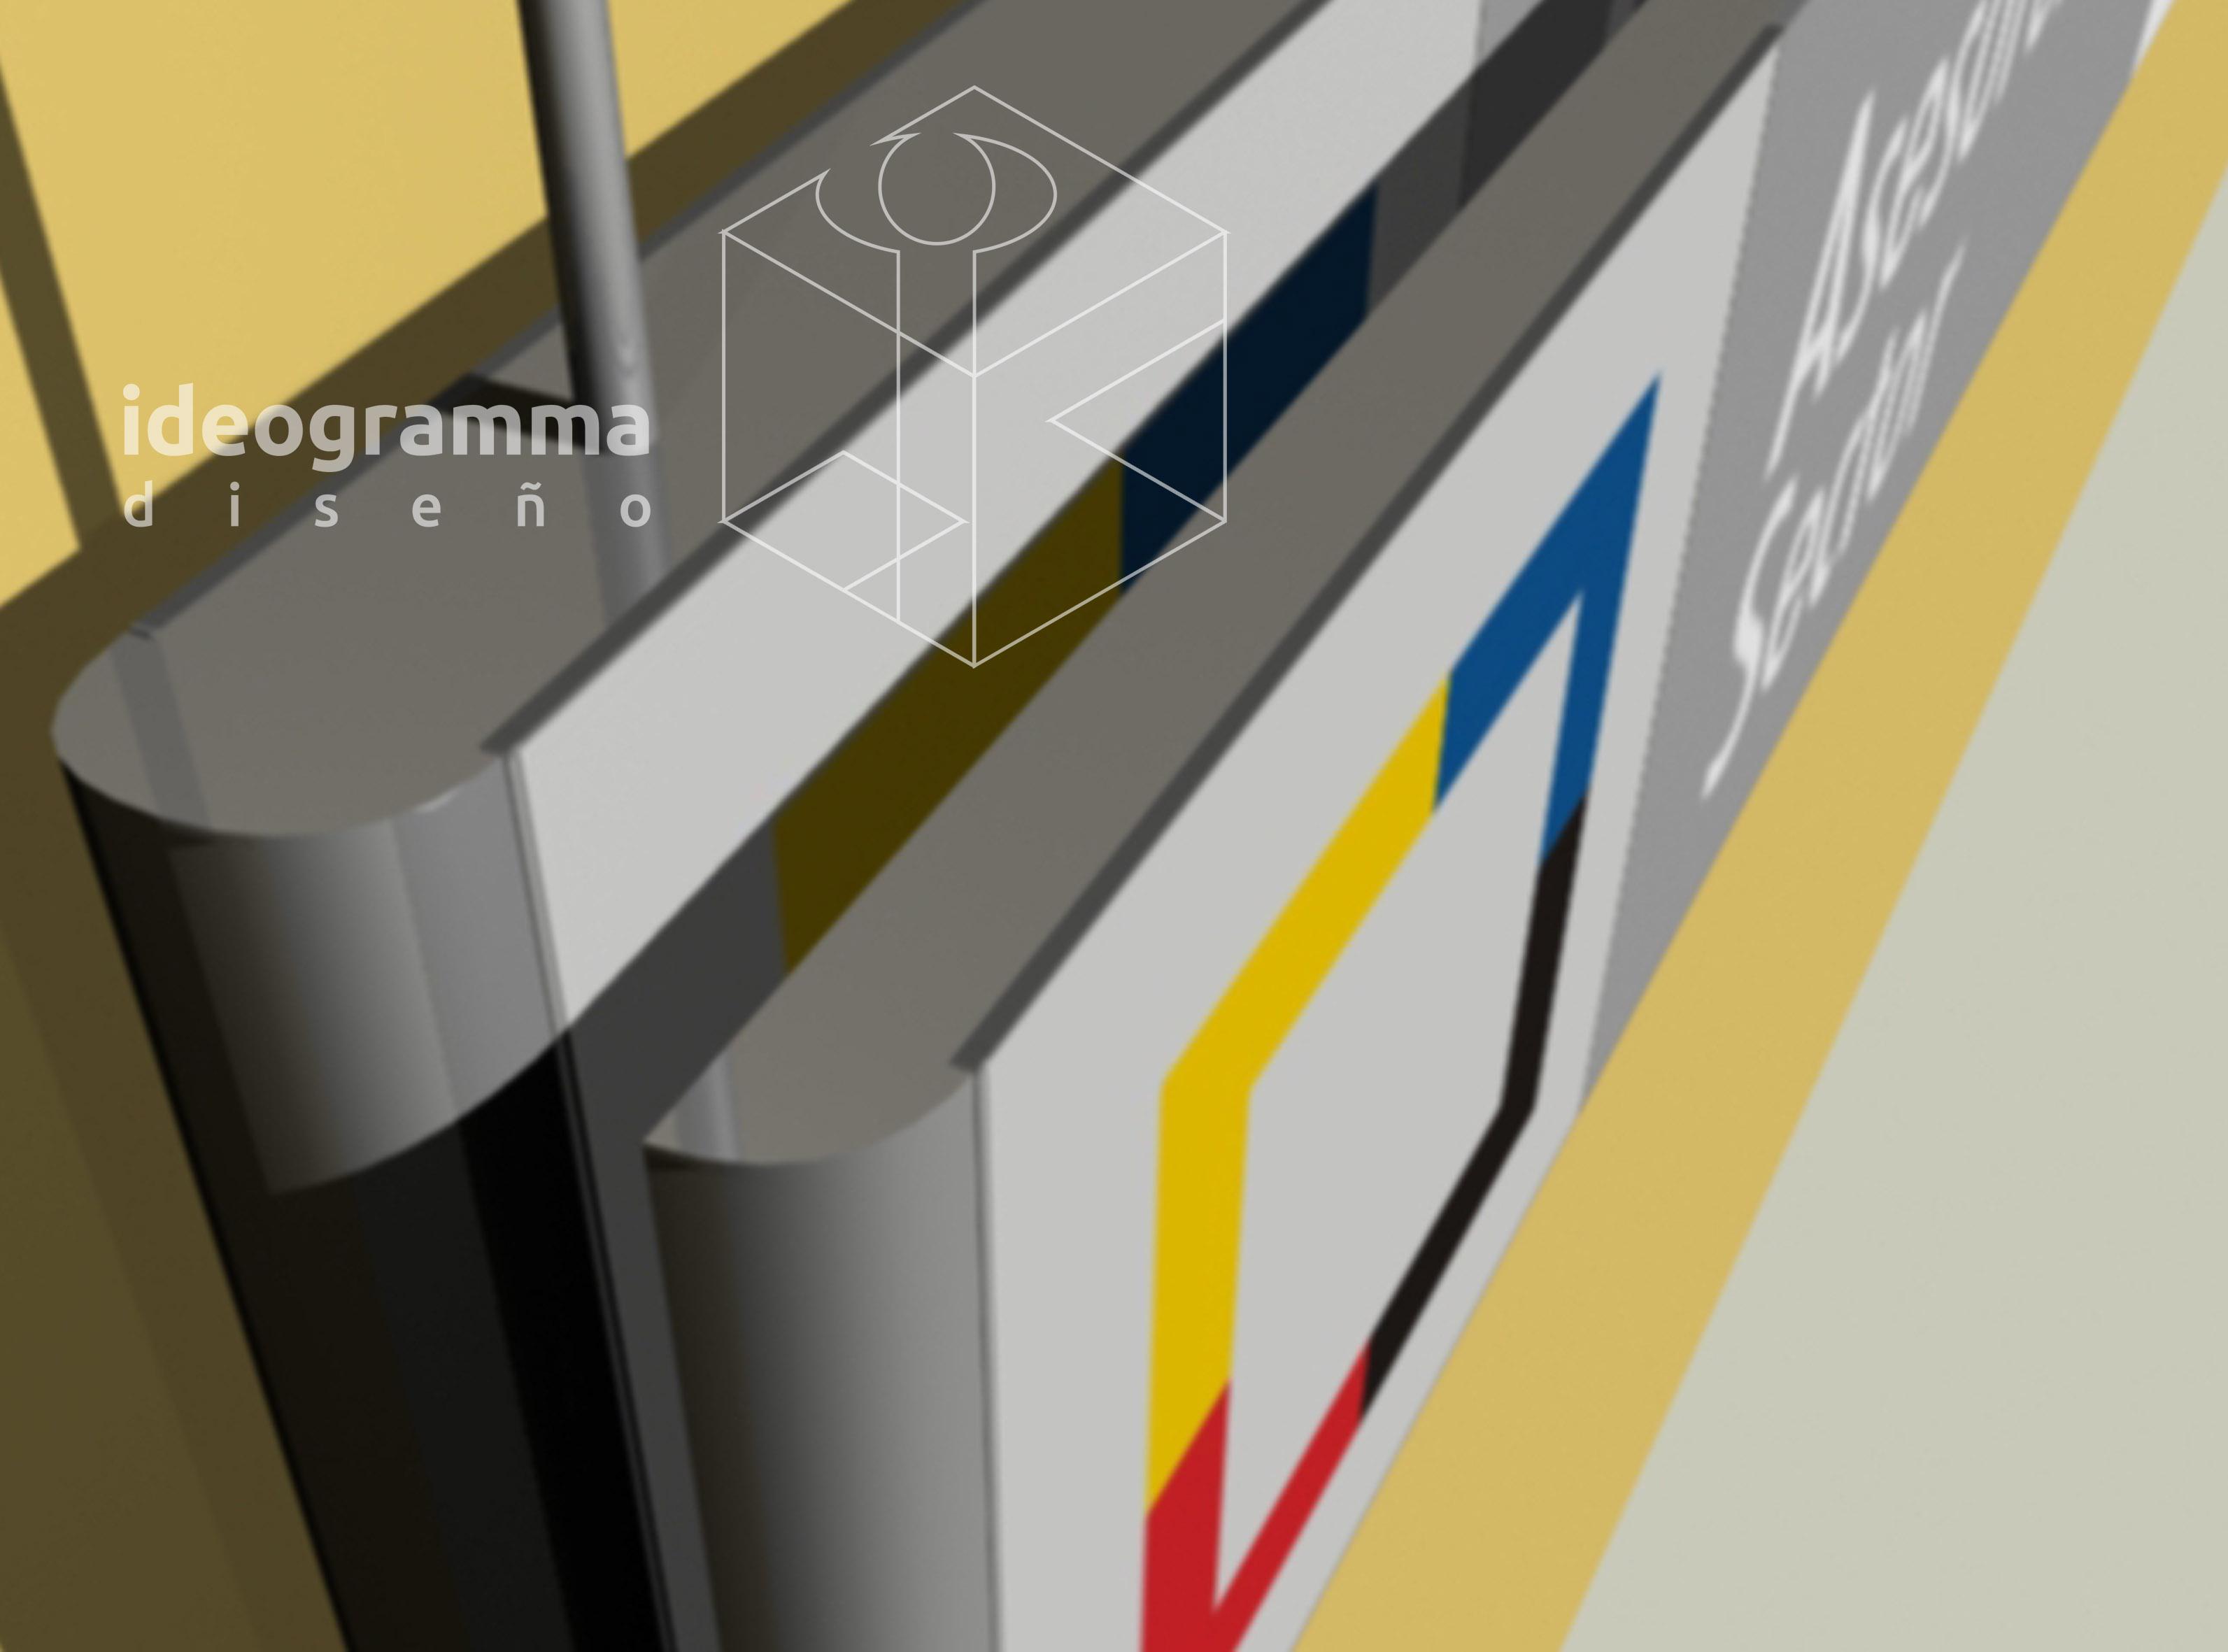 IDEO- web 1.jpg